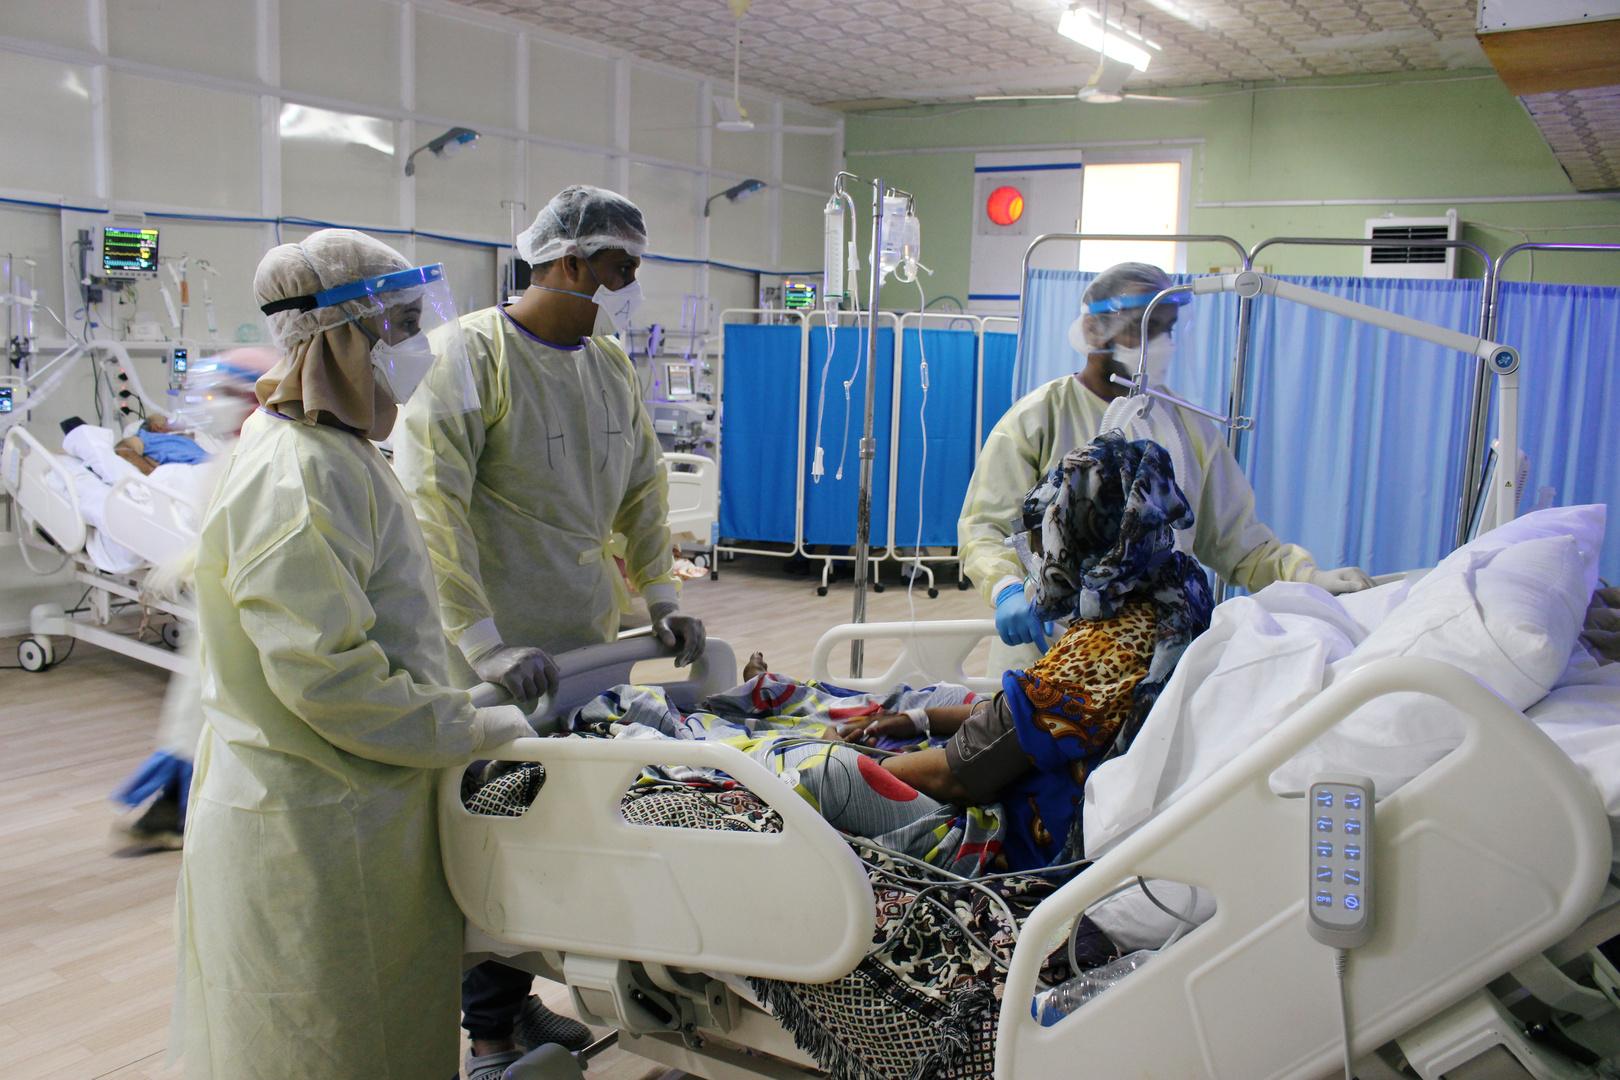 تسجيل 10 وفيات و38 إصابة جديدة بكورونا في أراضي سيطرة الحكومة اليمنية